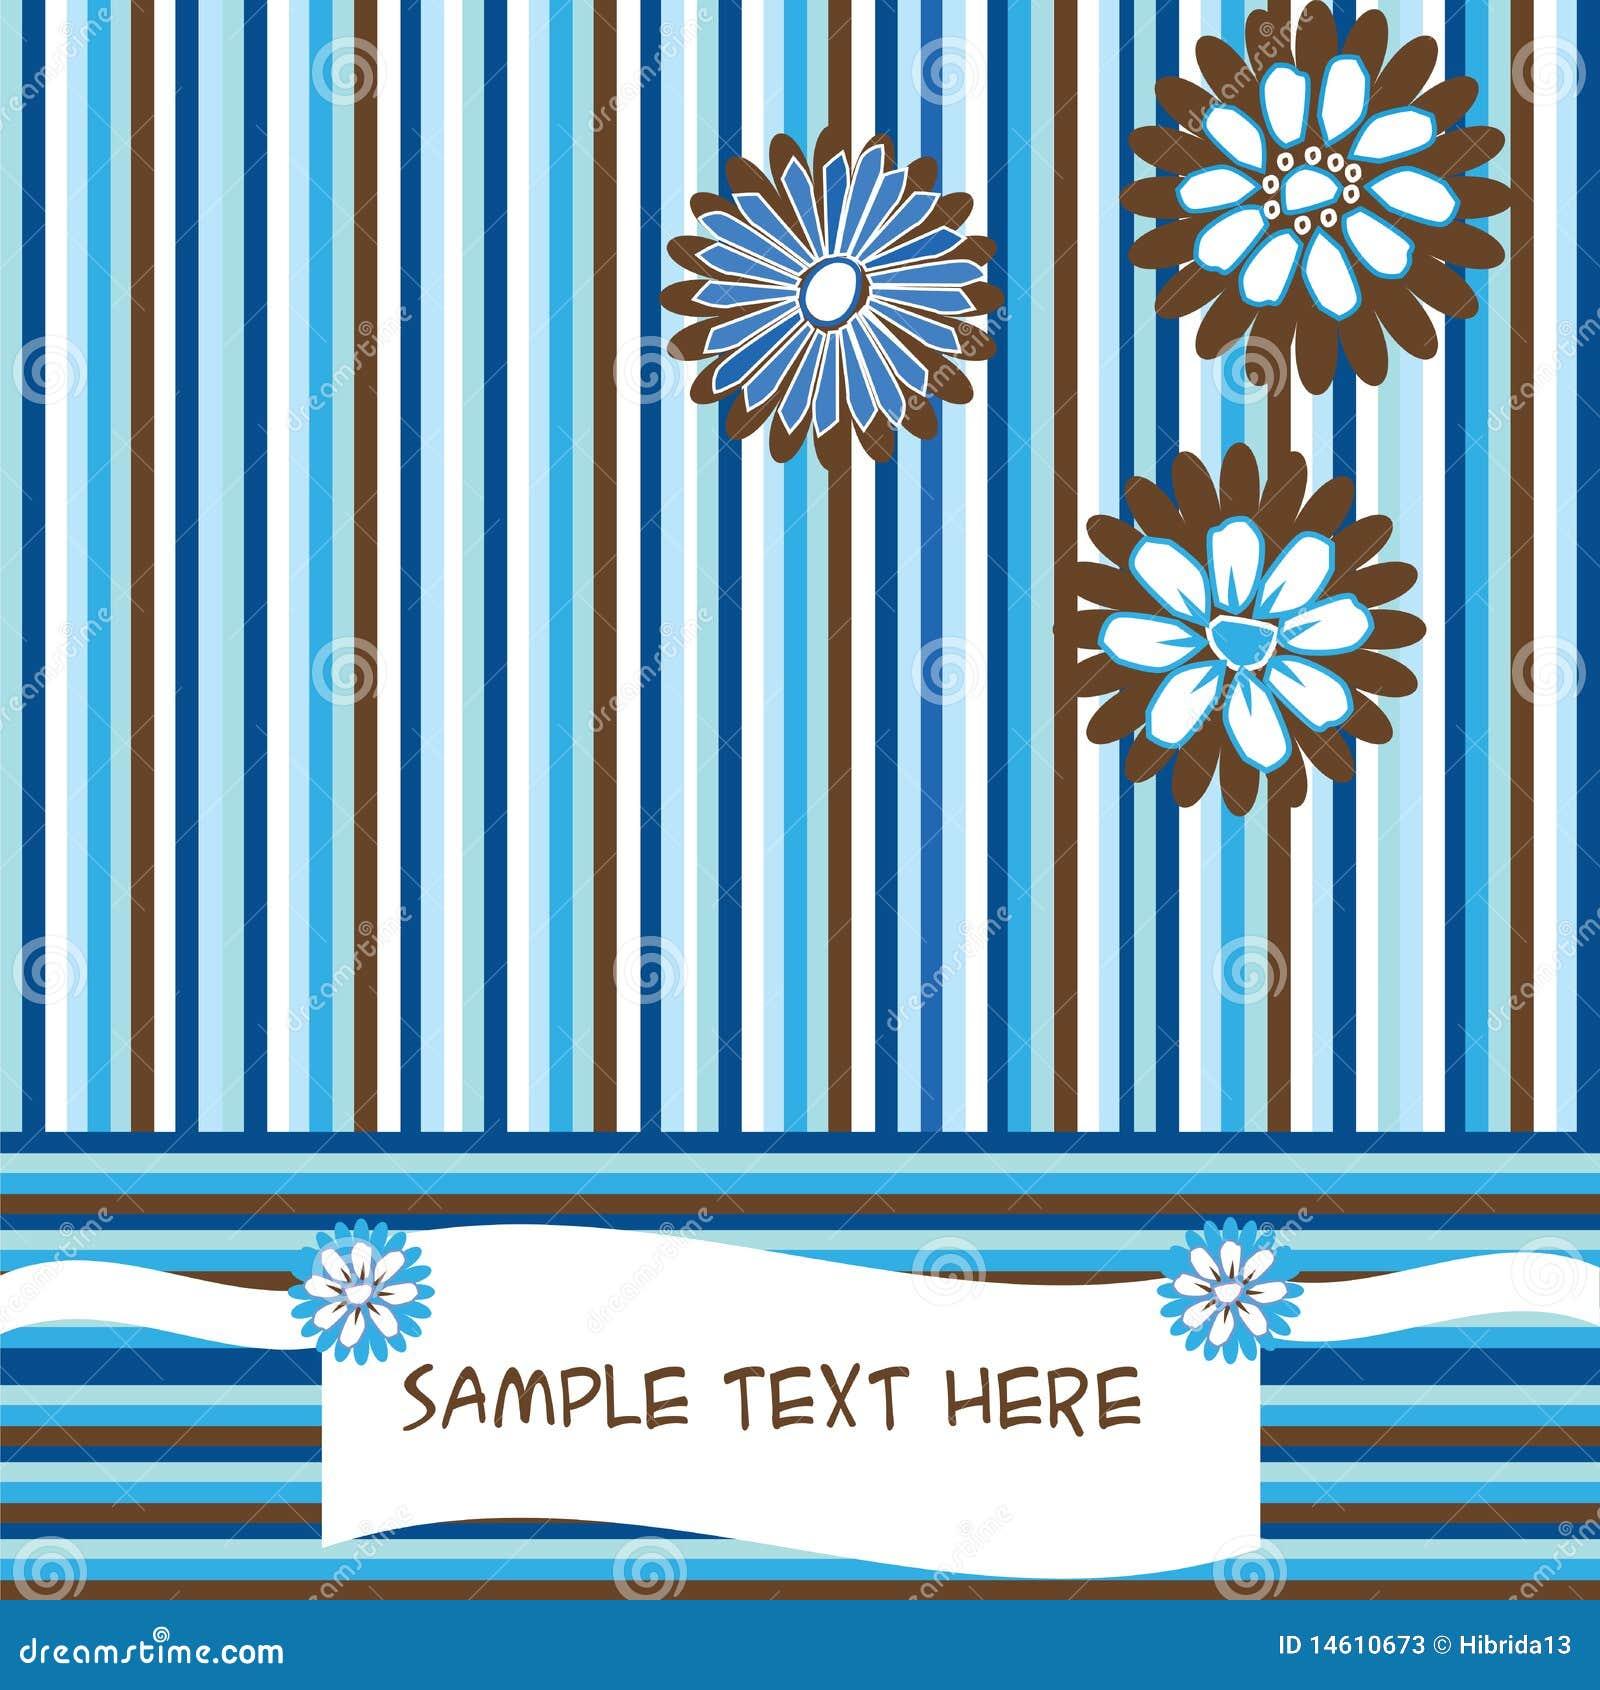 striped card